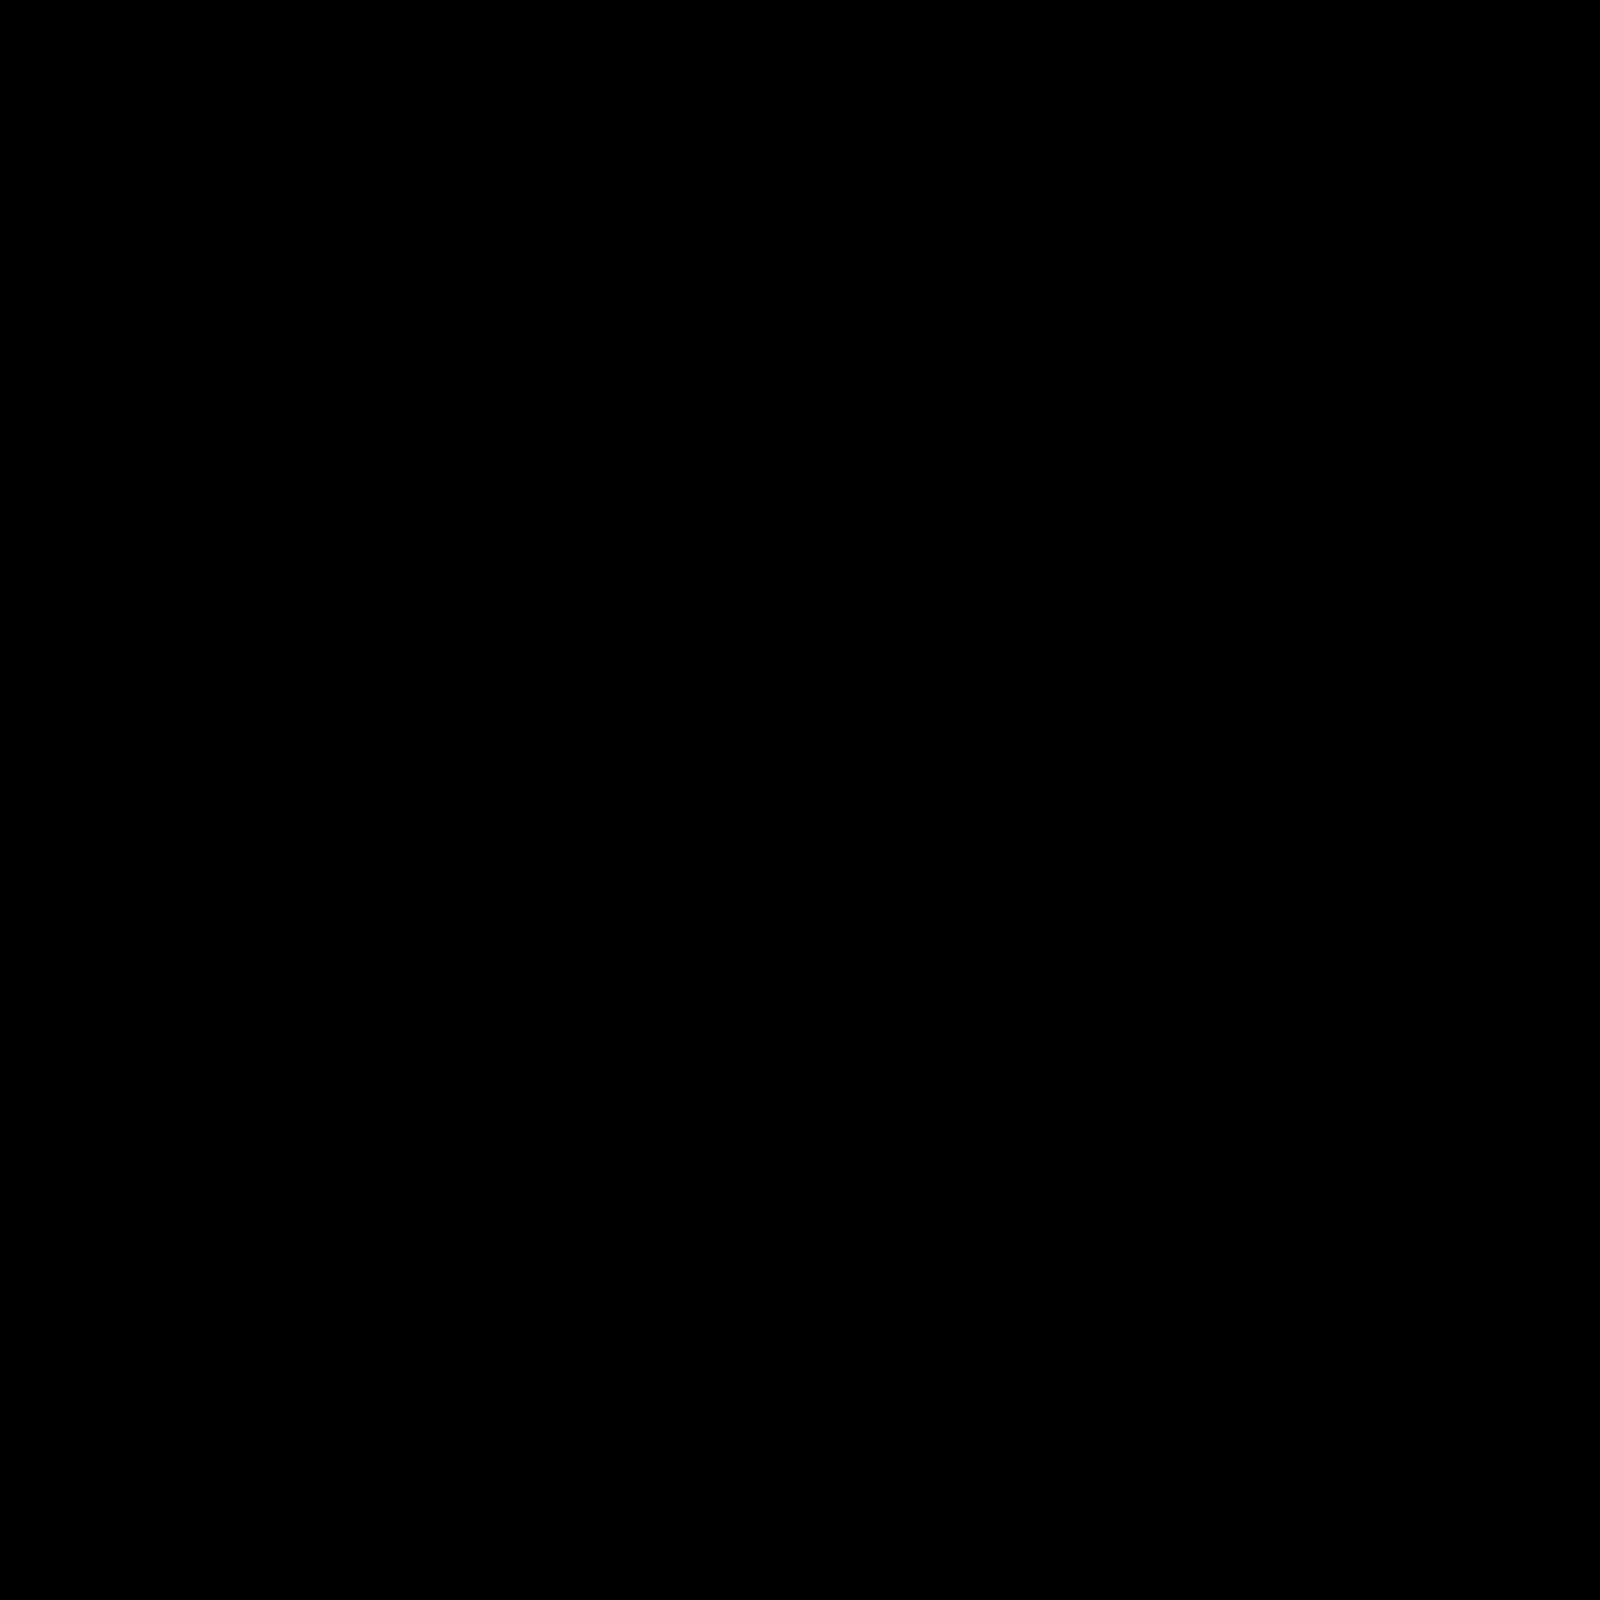 Testa del ventilatore icon